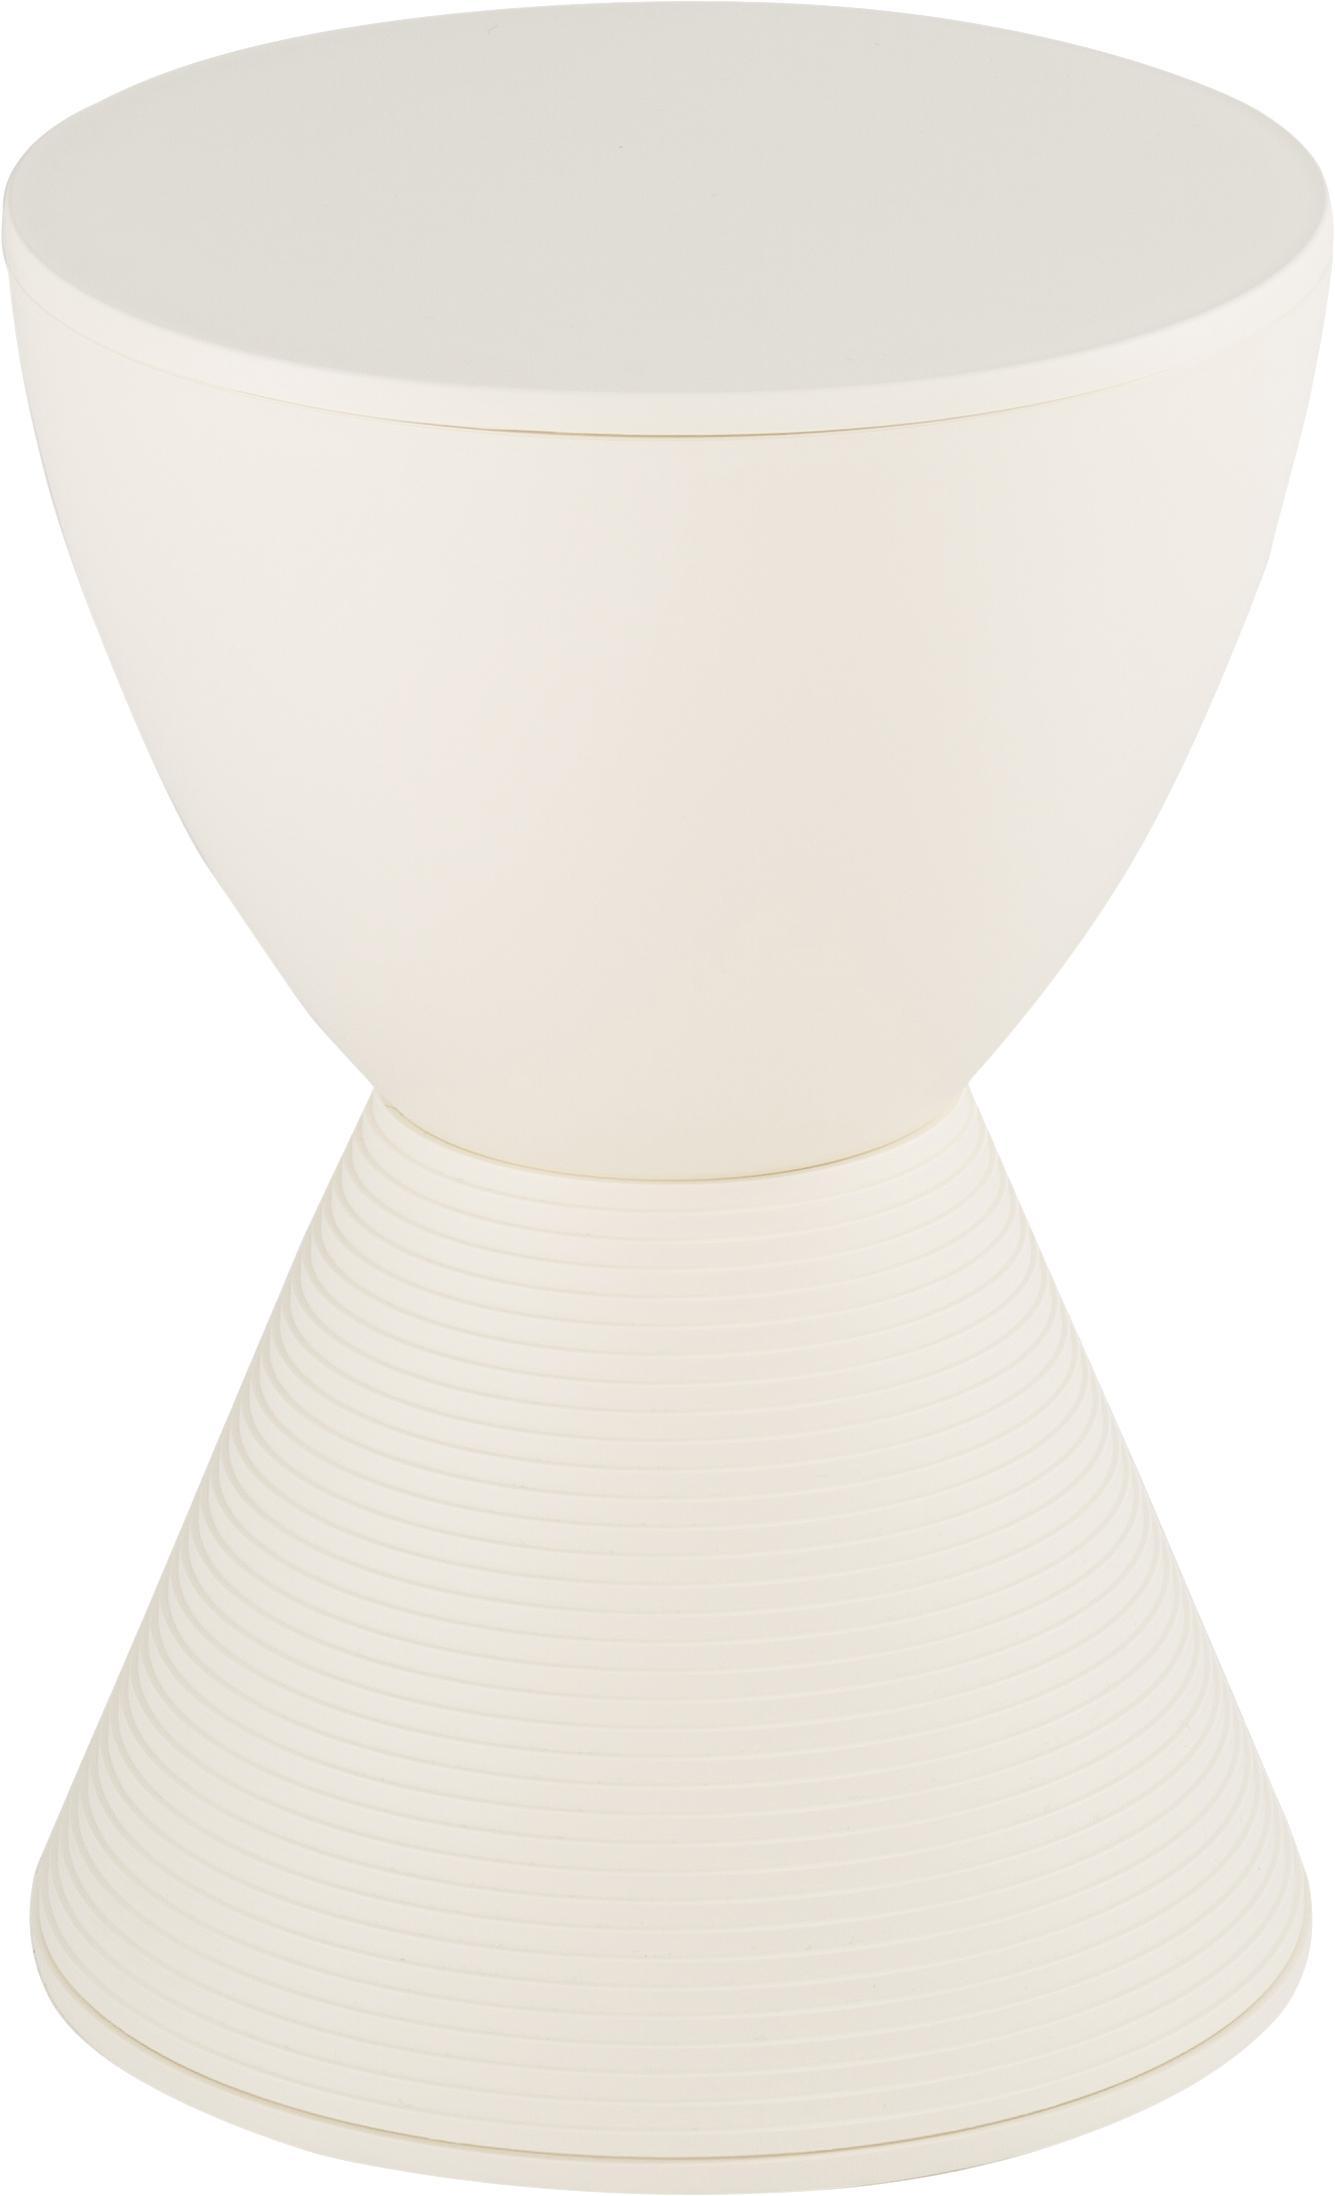 Stołek/stolik pomocniczy Prince AHA, Pigmentowany polipropylen, Biały, Ø 30 x W 43 cm